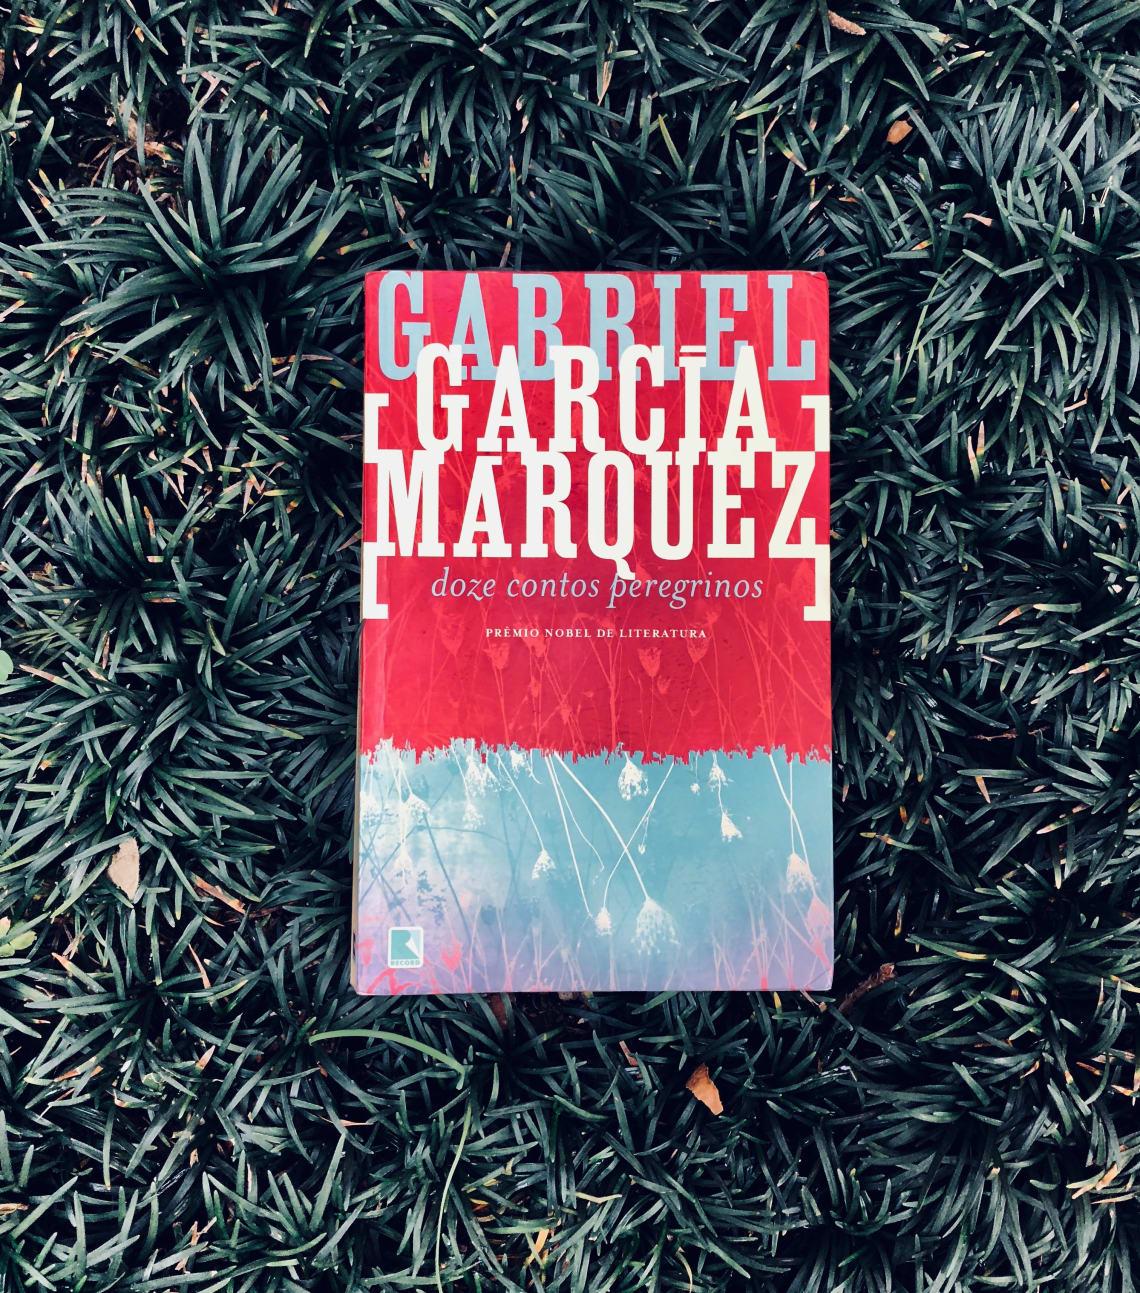 doze contos peregrinos,Gabriel Garcia Marques